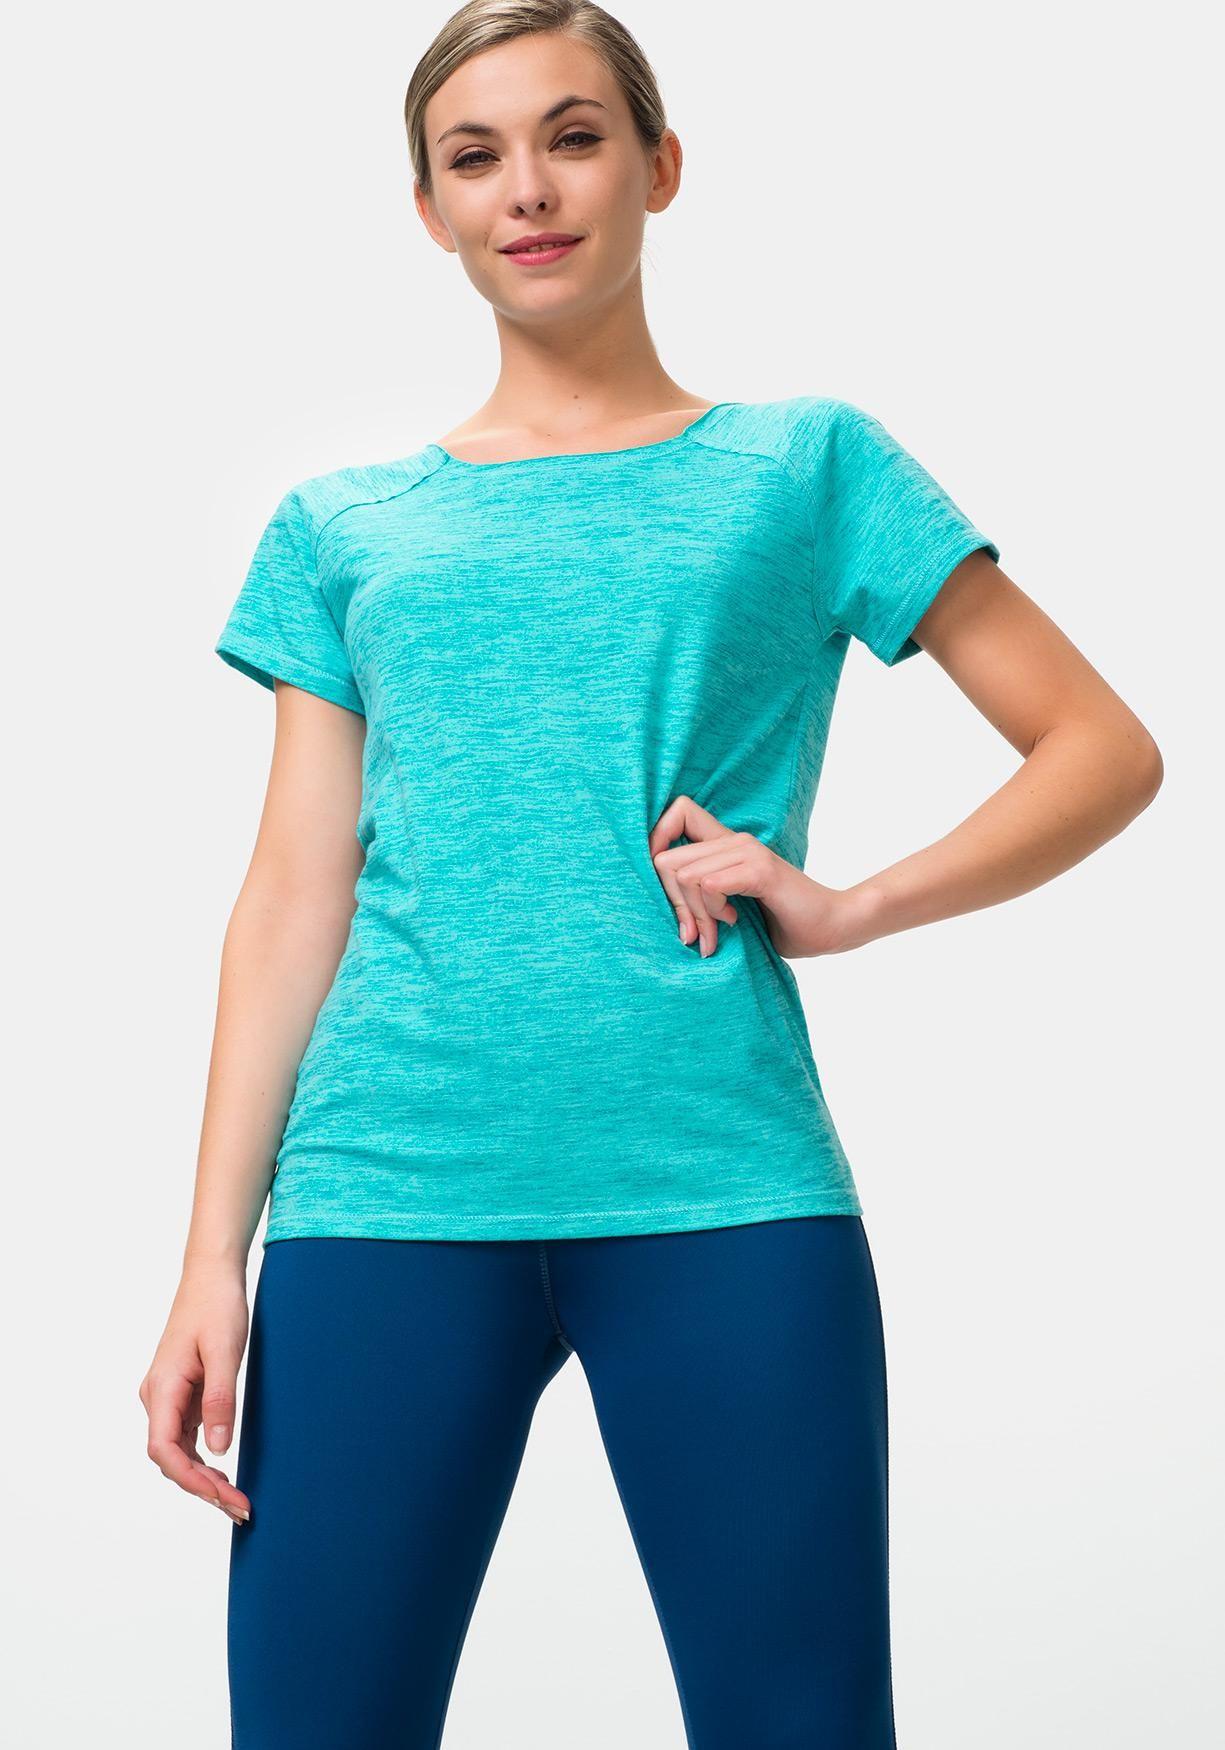 Comprar Camiseta de deporte estampada TEX. ¡Aprovéchate de nuestros precios  y encuentra las mejores 153791e04e21